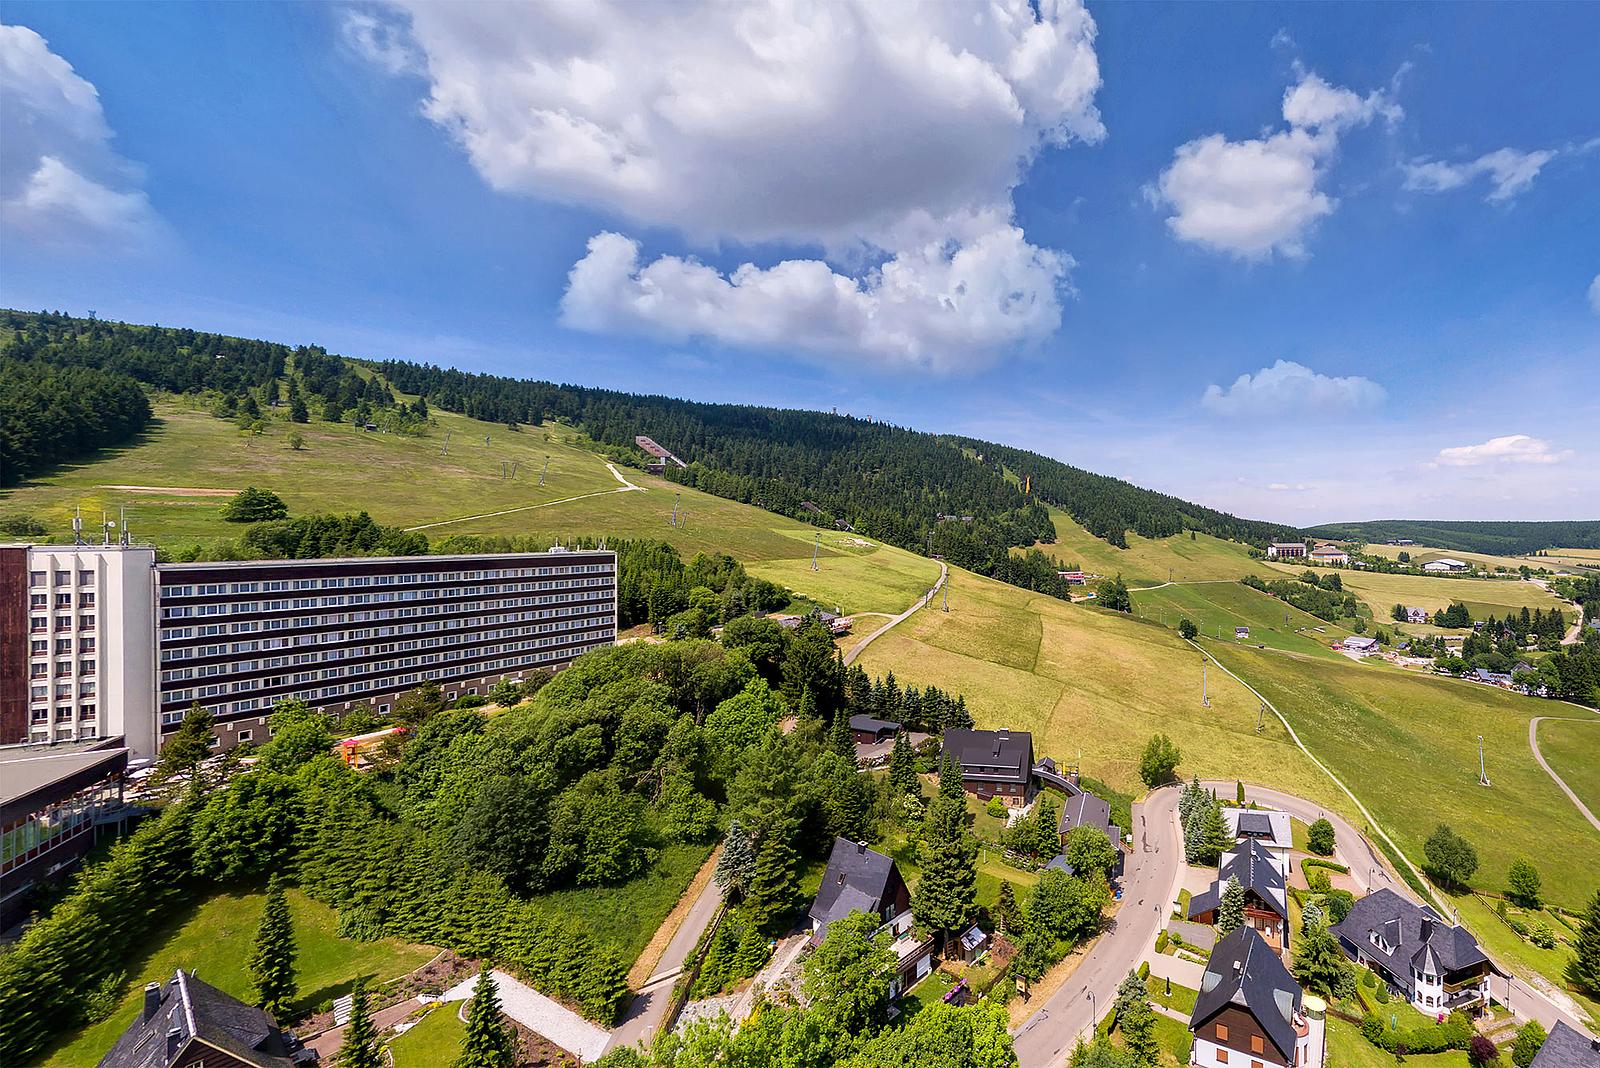 Bildergalerie Ahorn Hotel Am Fichtelberg